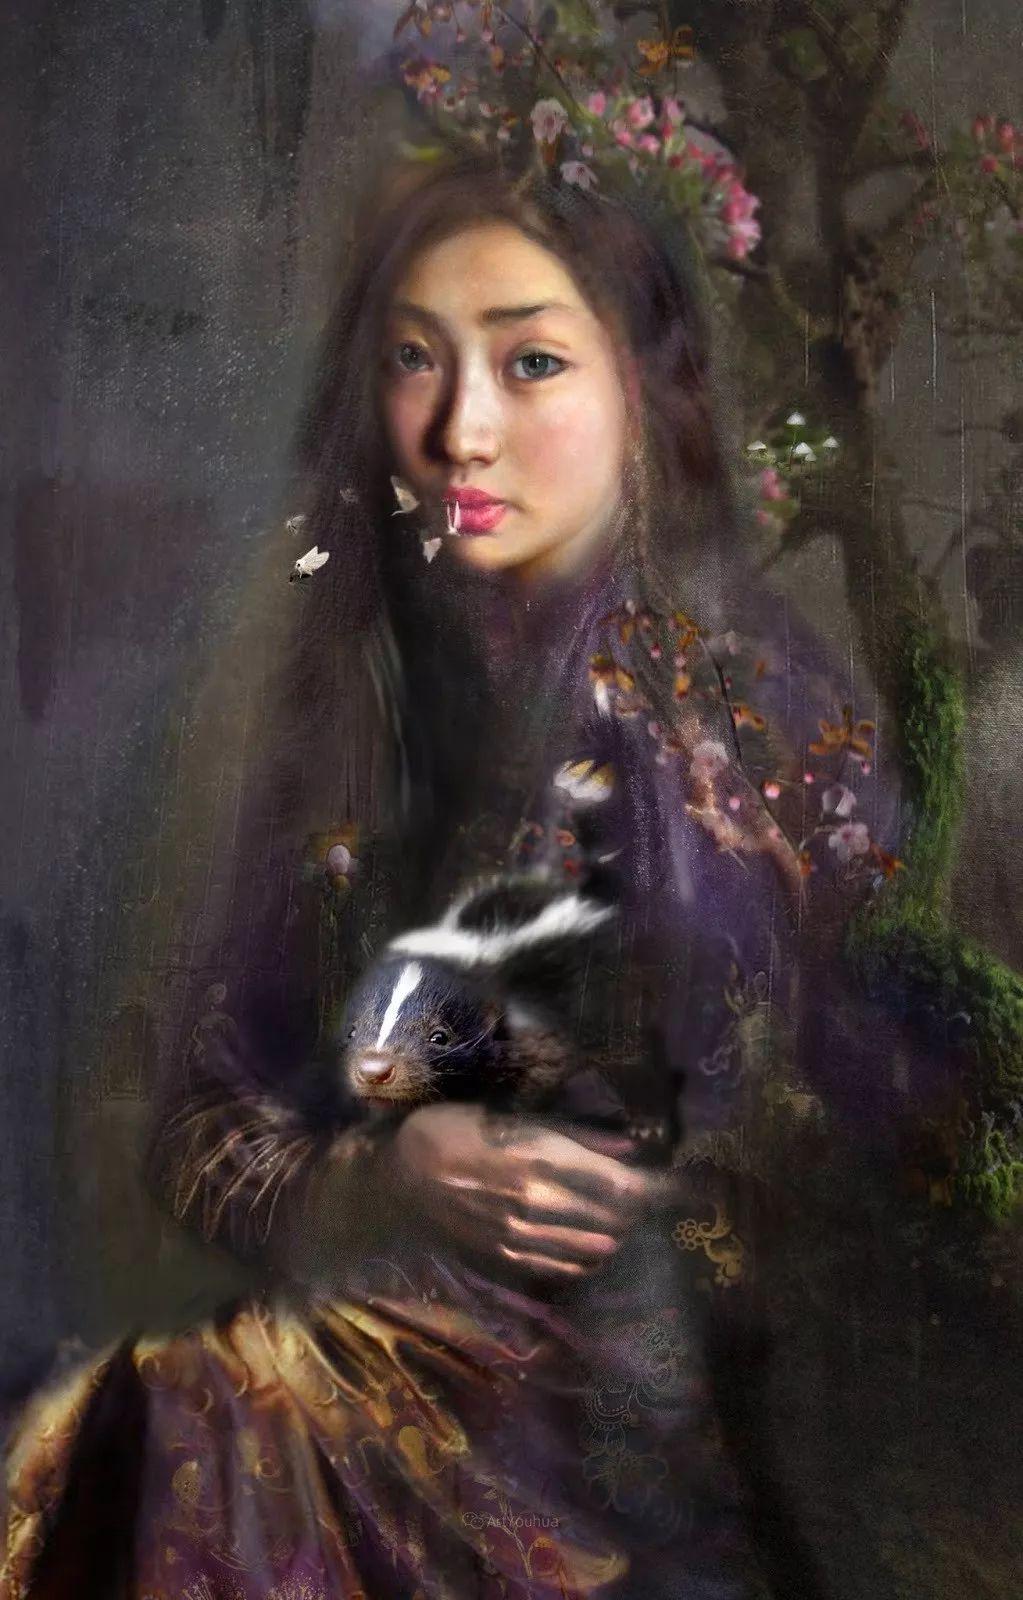 传统绘画与后现代元素的结合,英国画家伊娃·特洛伊插图13